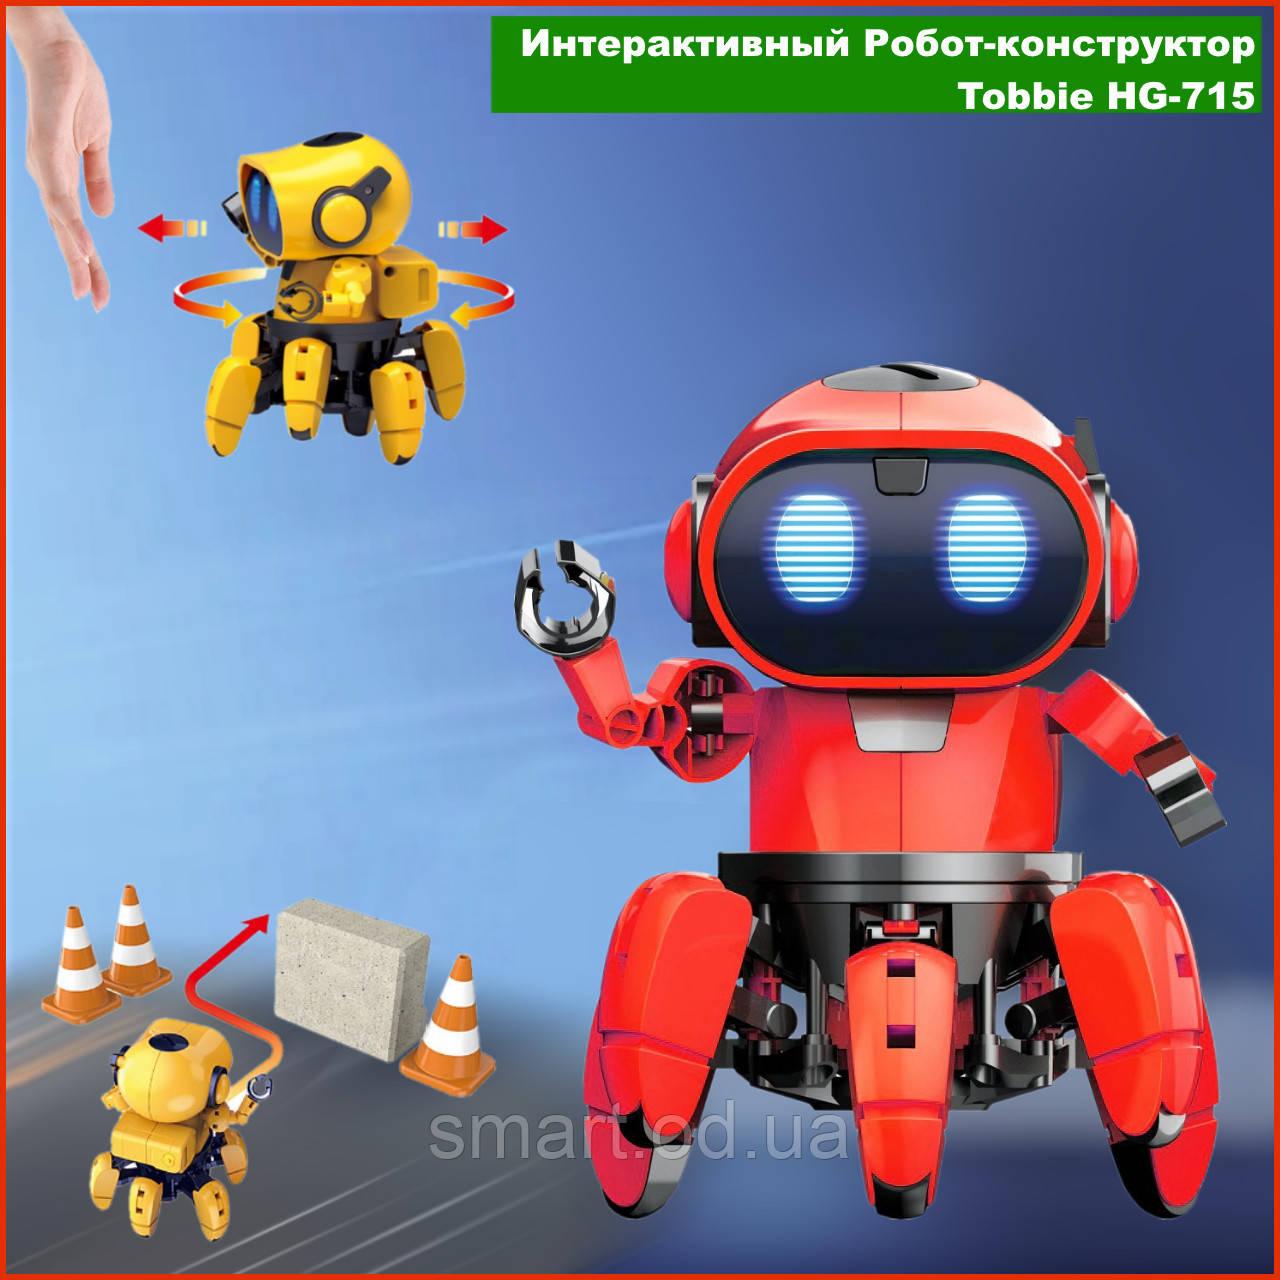 Умный Интерактивный  Робот-конструктор Tobbie Robot HG-715, игрушечный робот Тобби на сенсорном управлении